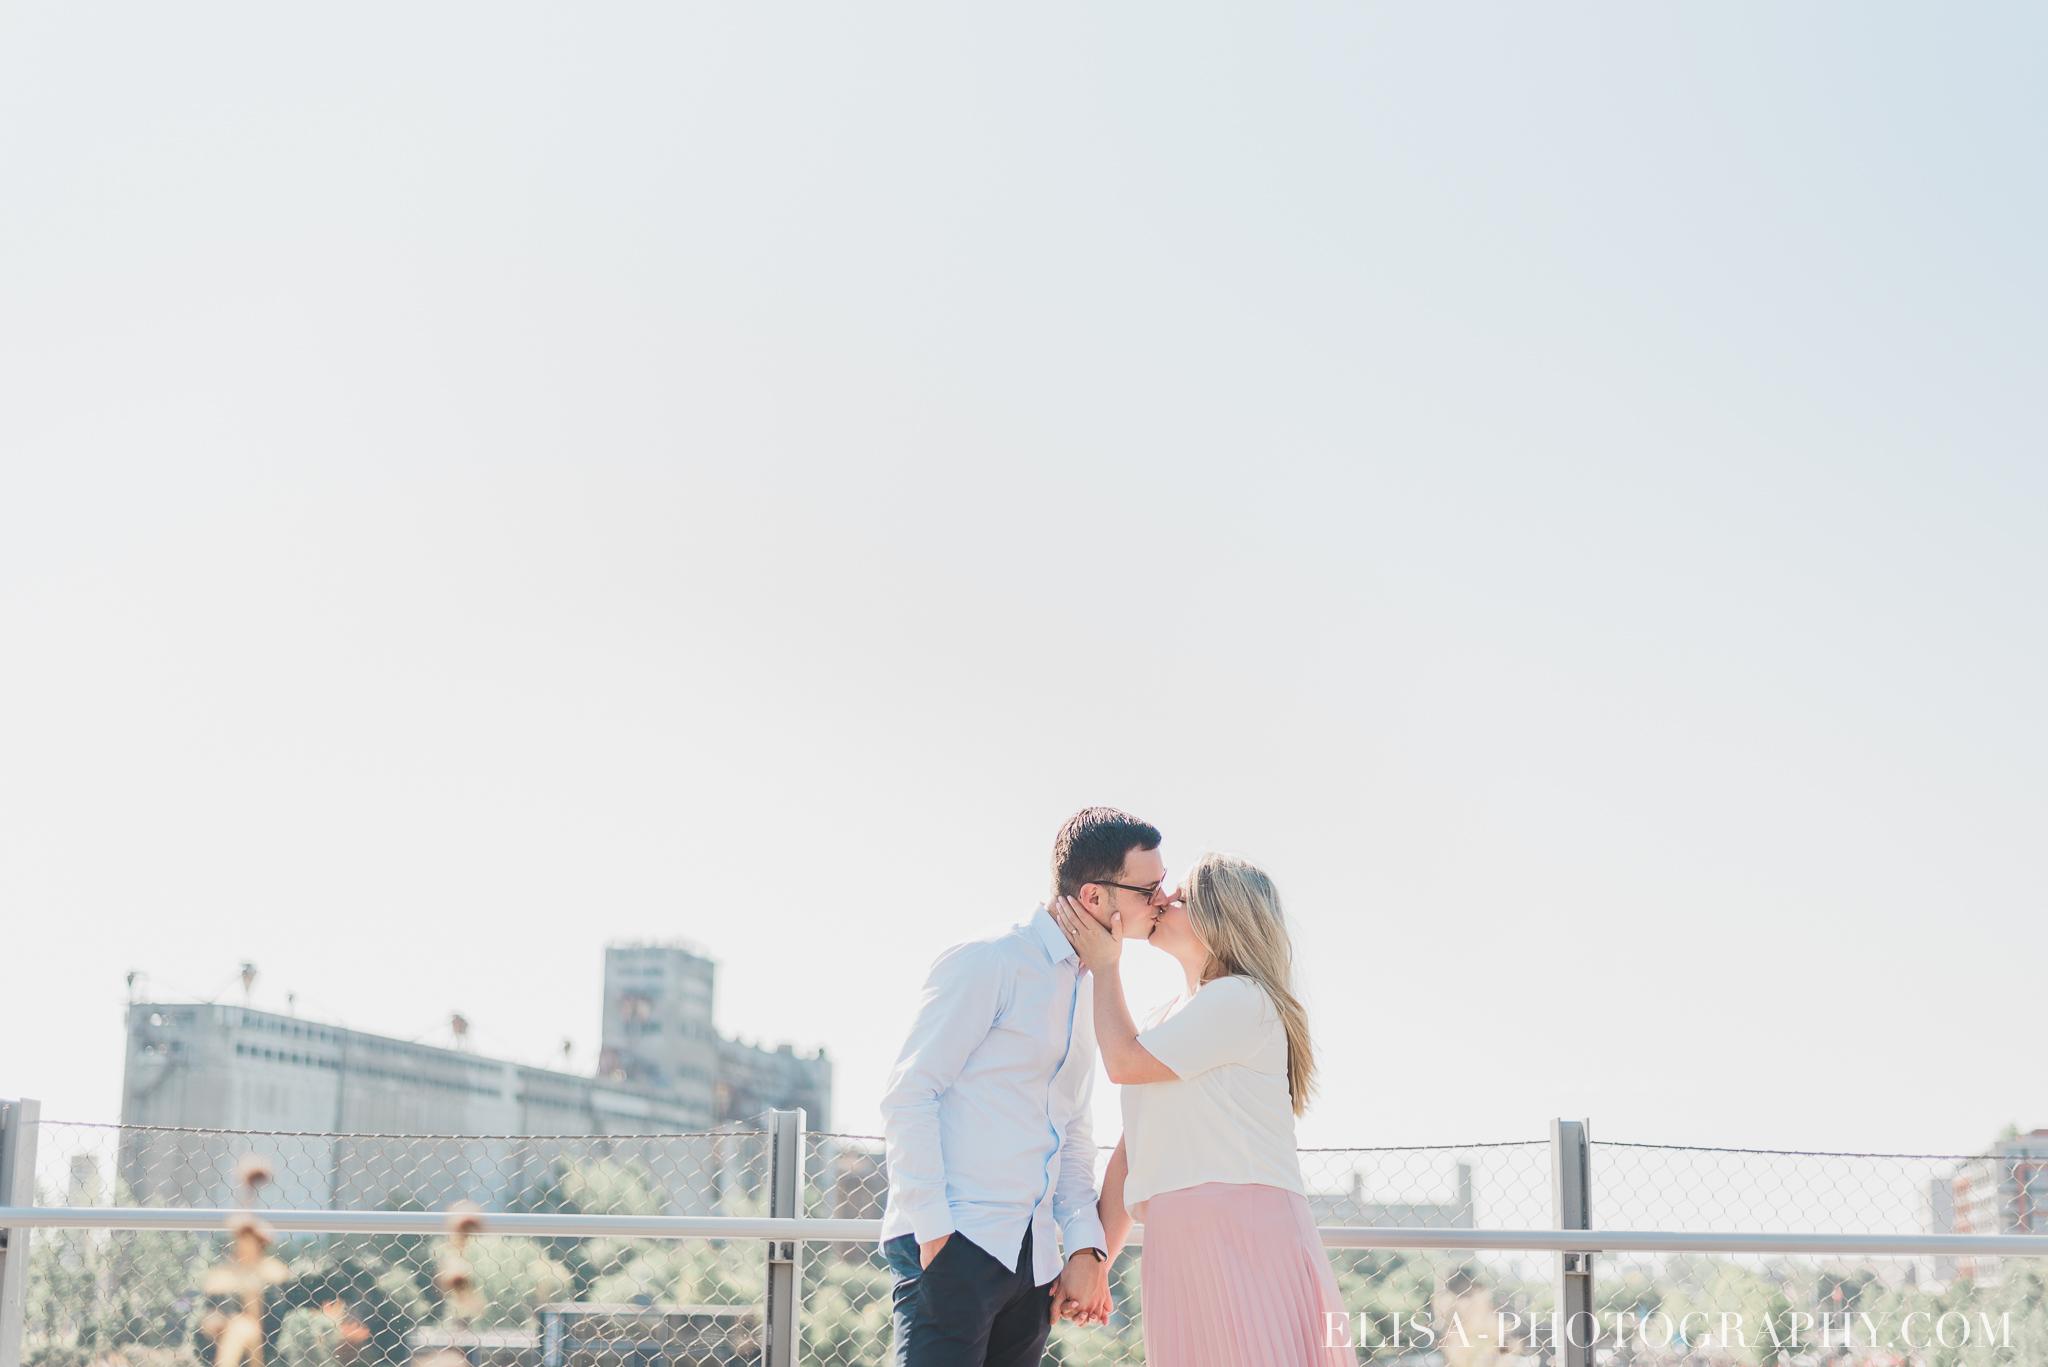 photo couple fiançailles engagement vieux port montreal lumineuse naturelle romantique 9533 - Séance fiançailles dans le vieux-port